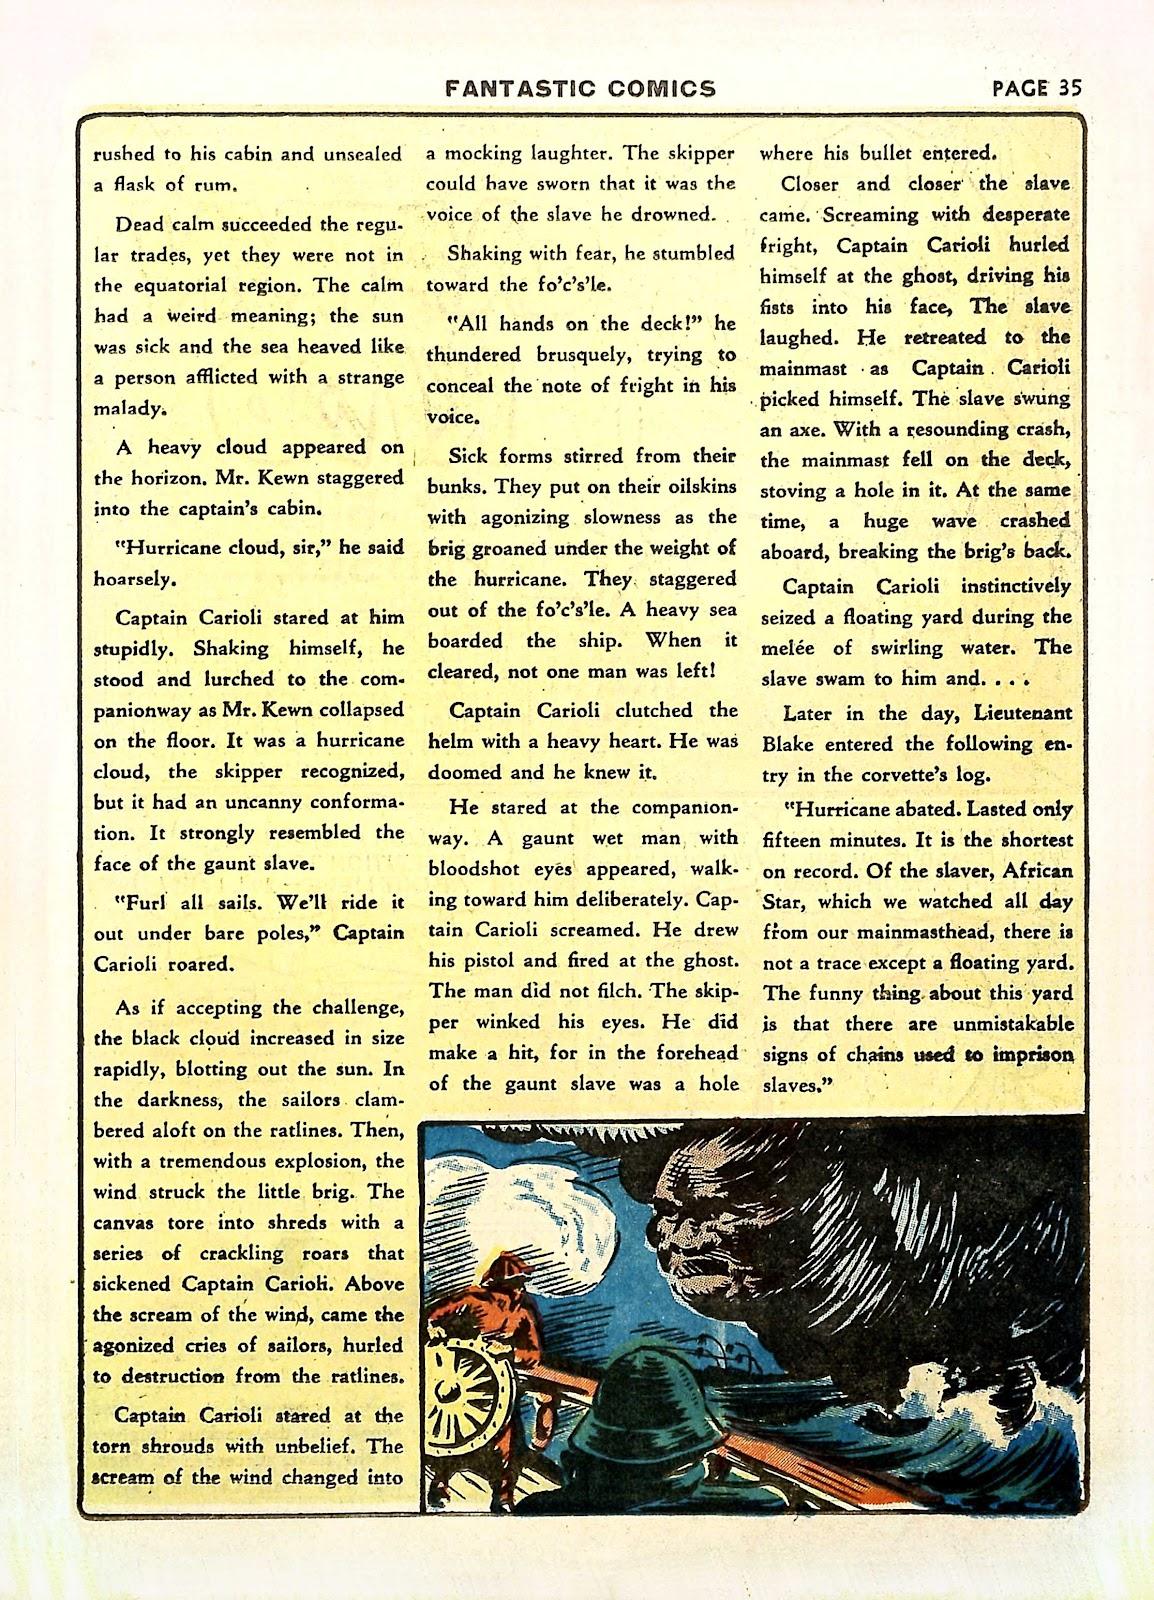 Read online Fantastic Comics comic -  Issue #11 - 38